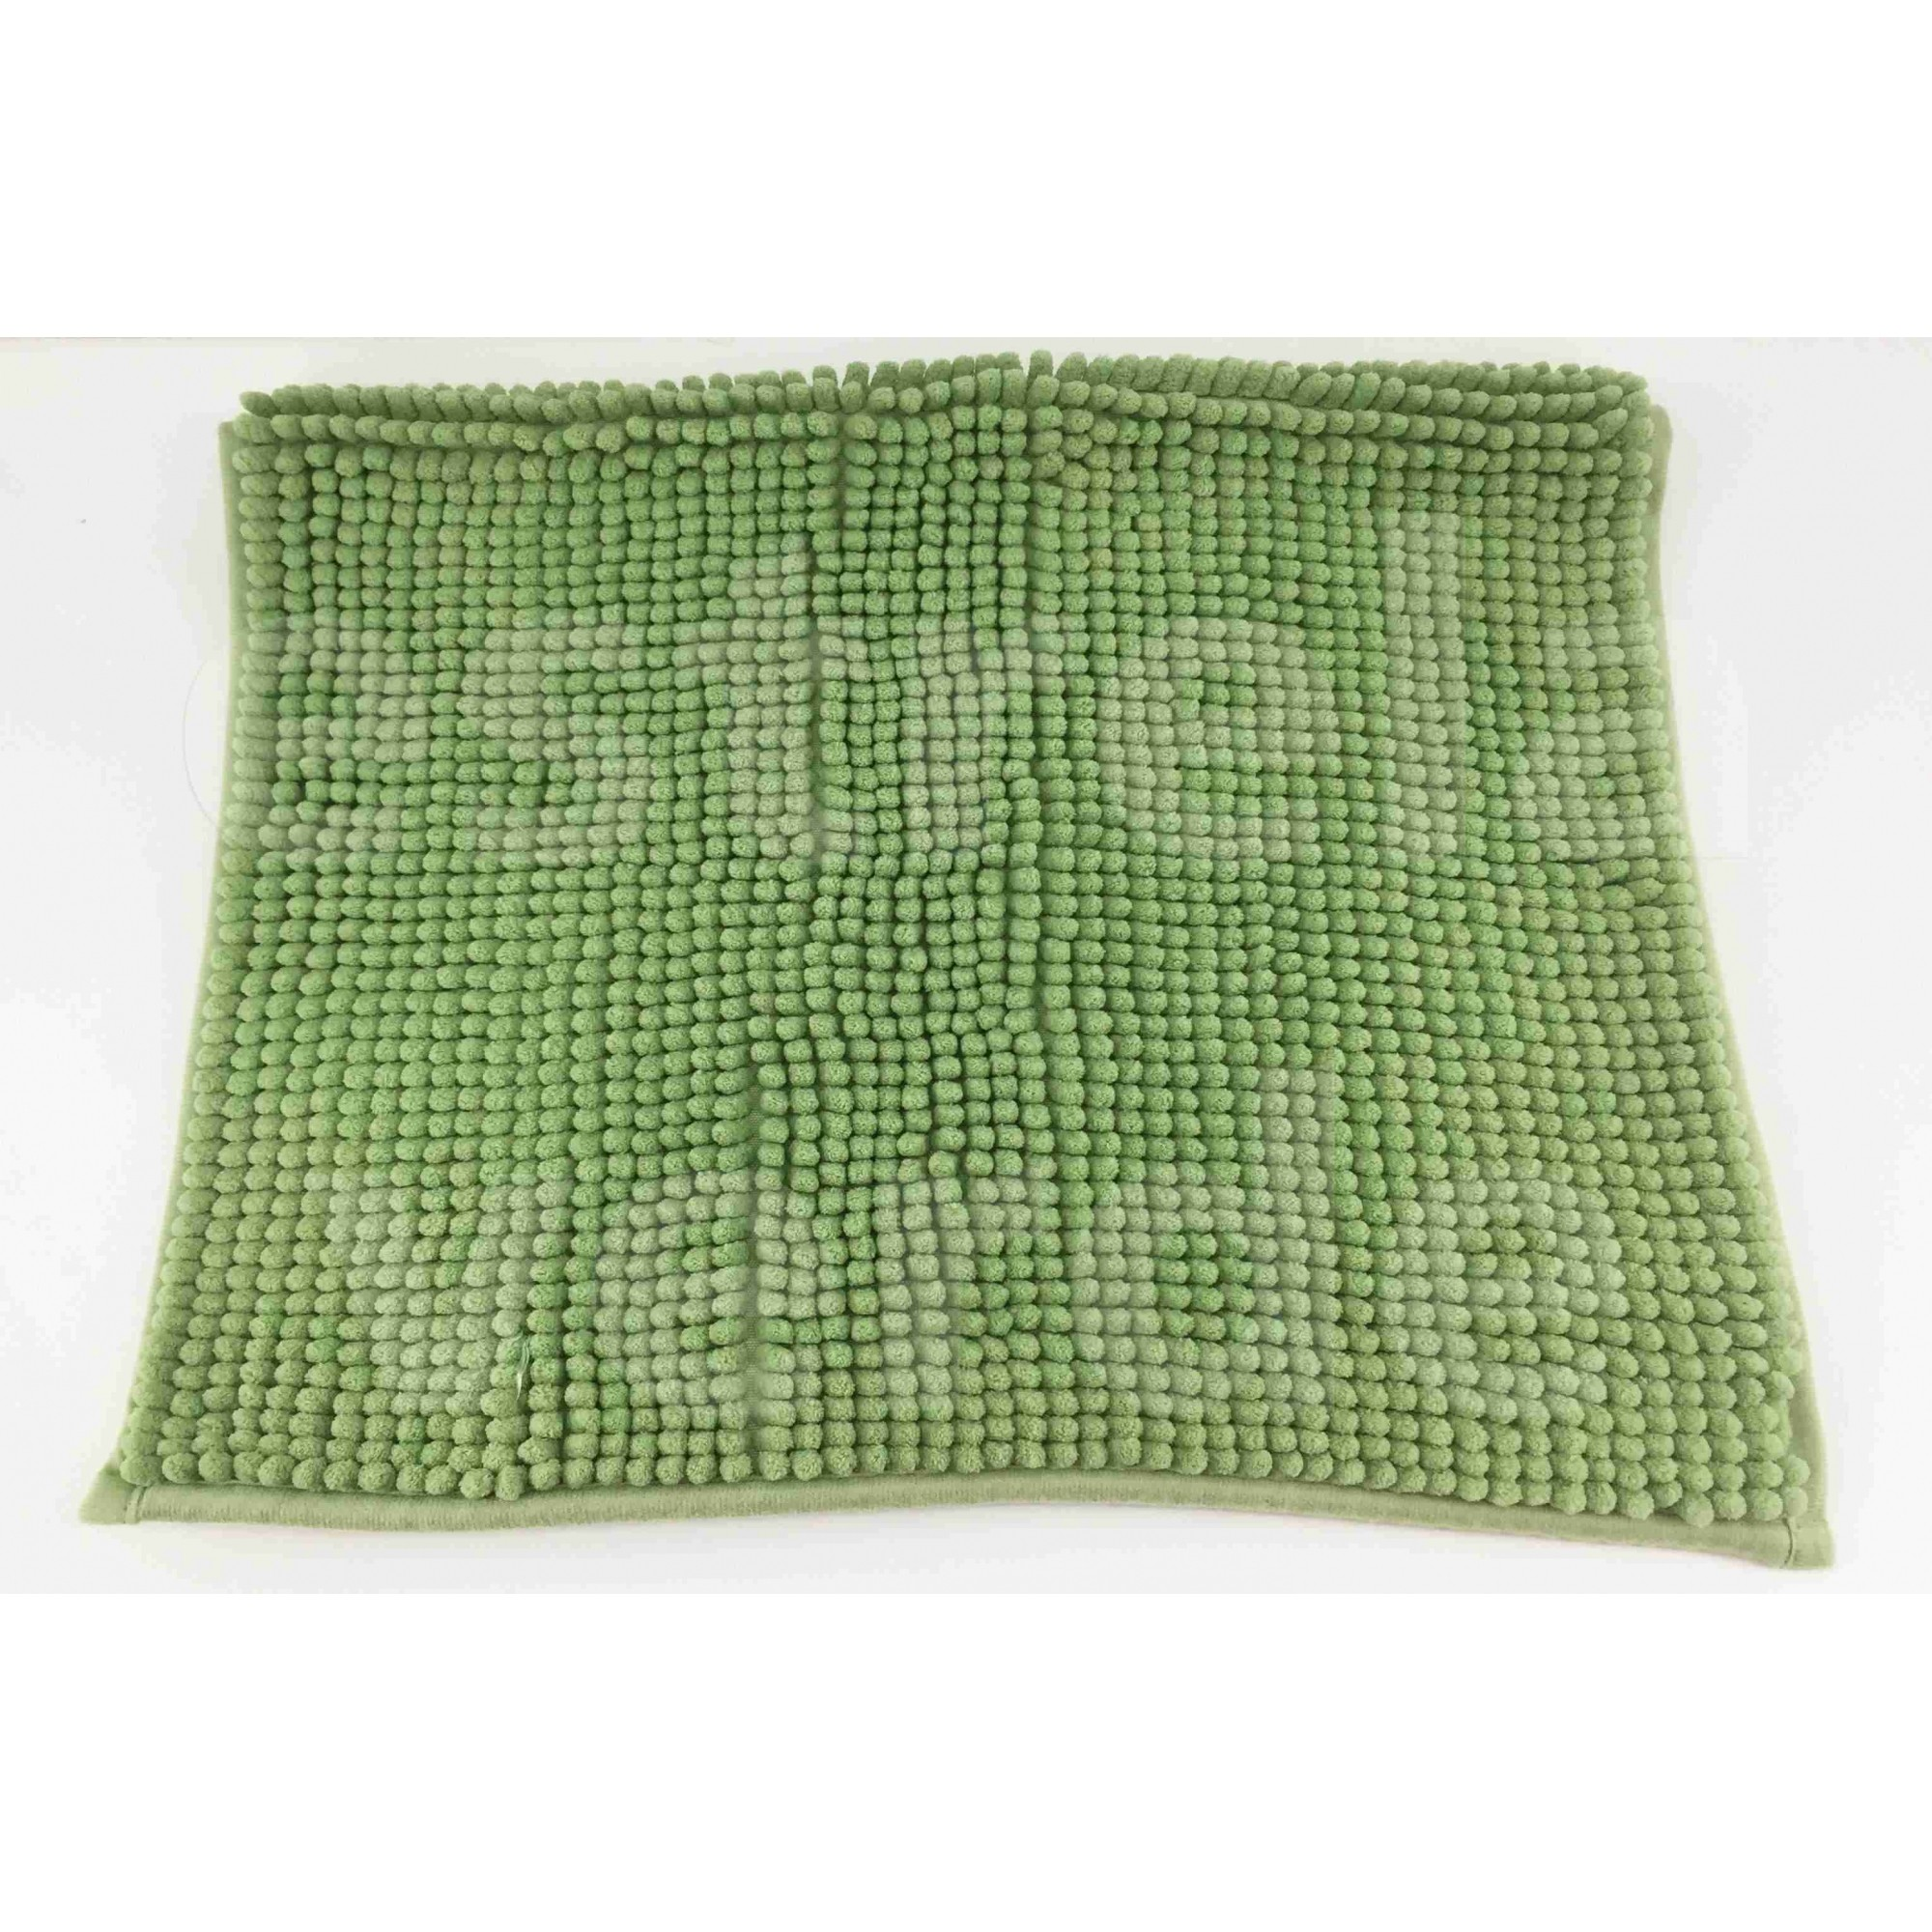 TAPETE BOLINHA MICROFIBRA 45X70 VERDE  - Estrela Verde